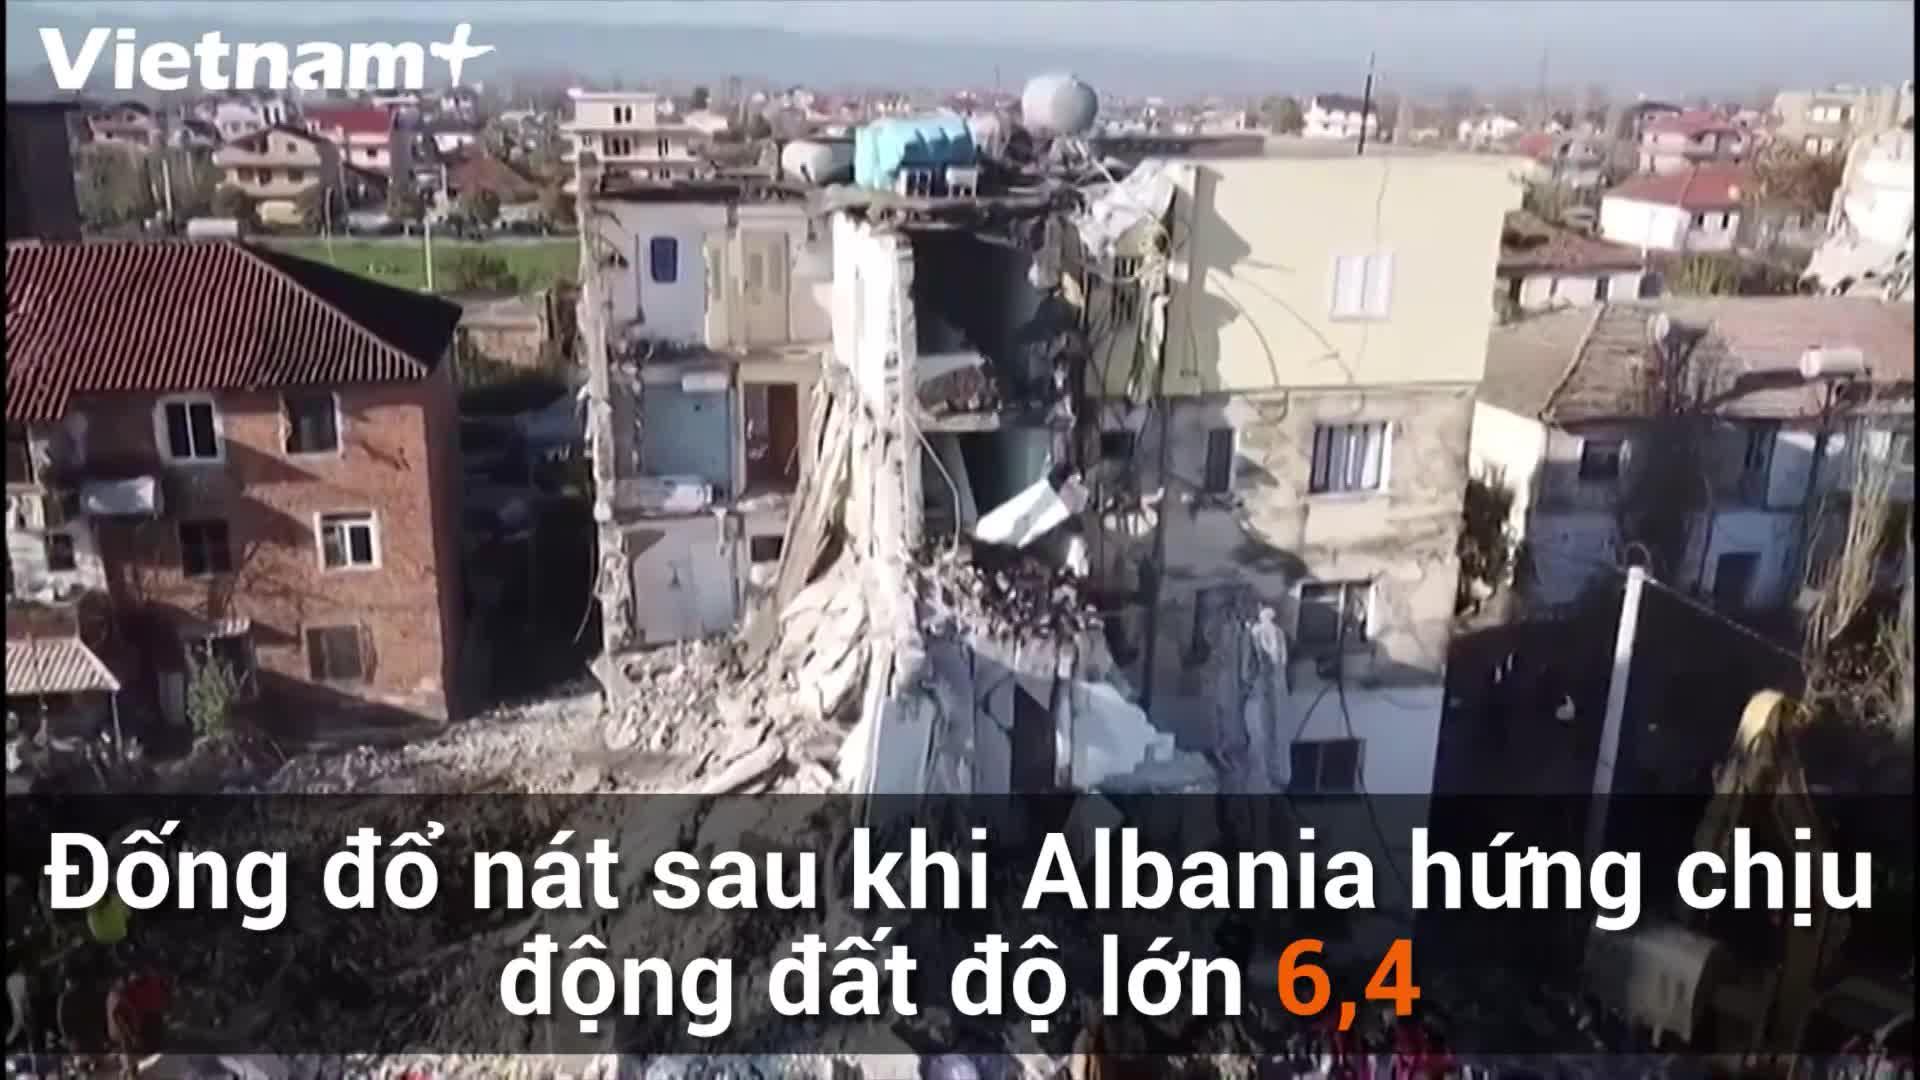 Cận cảnh khu vực bị động đất mạnh 6,4 của Albania